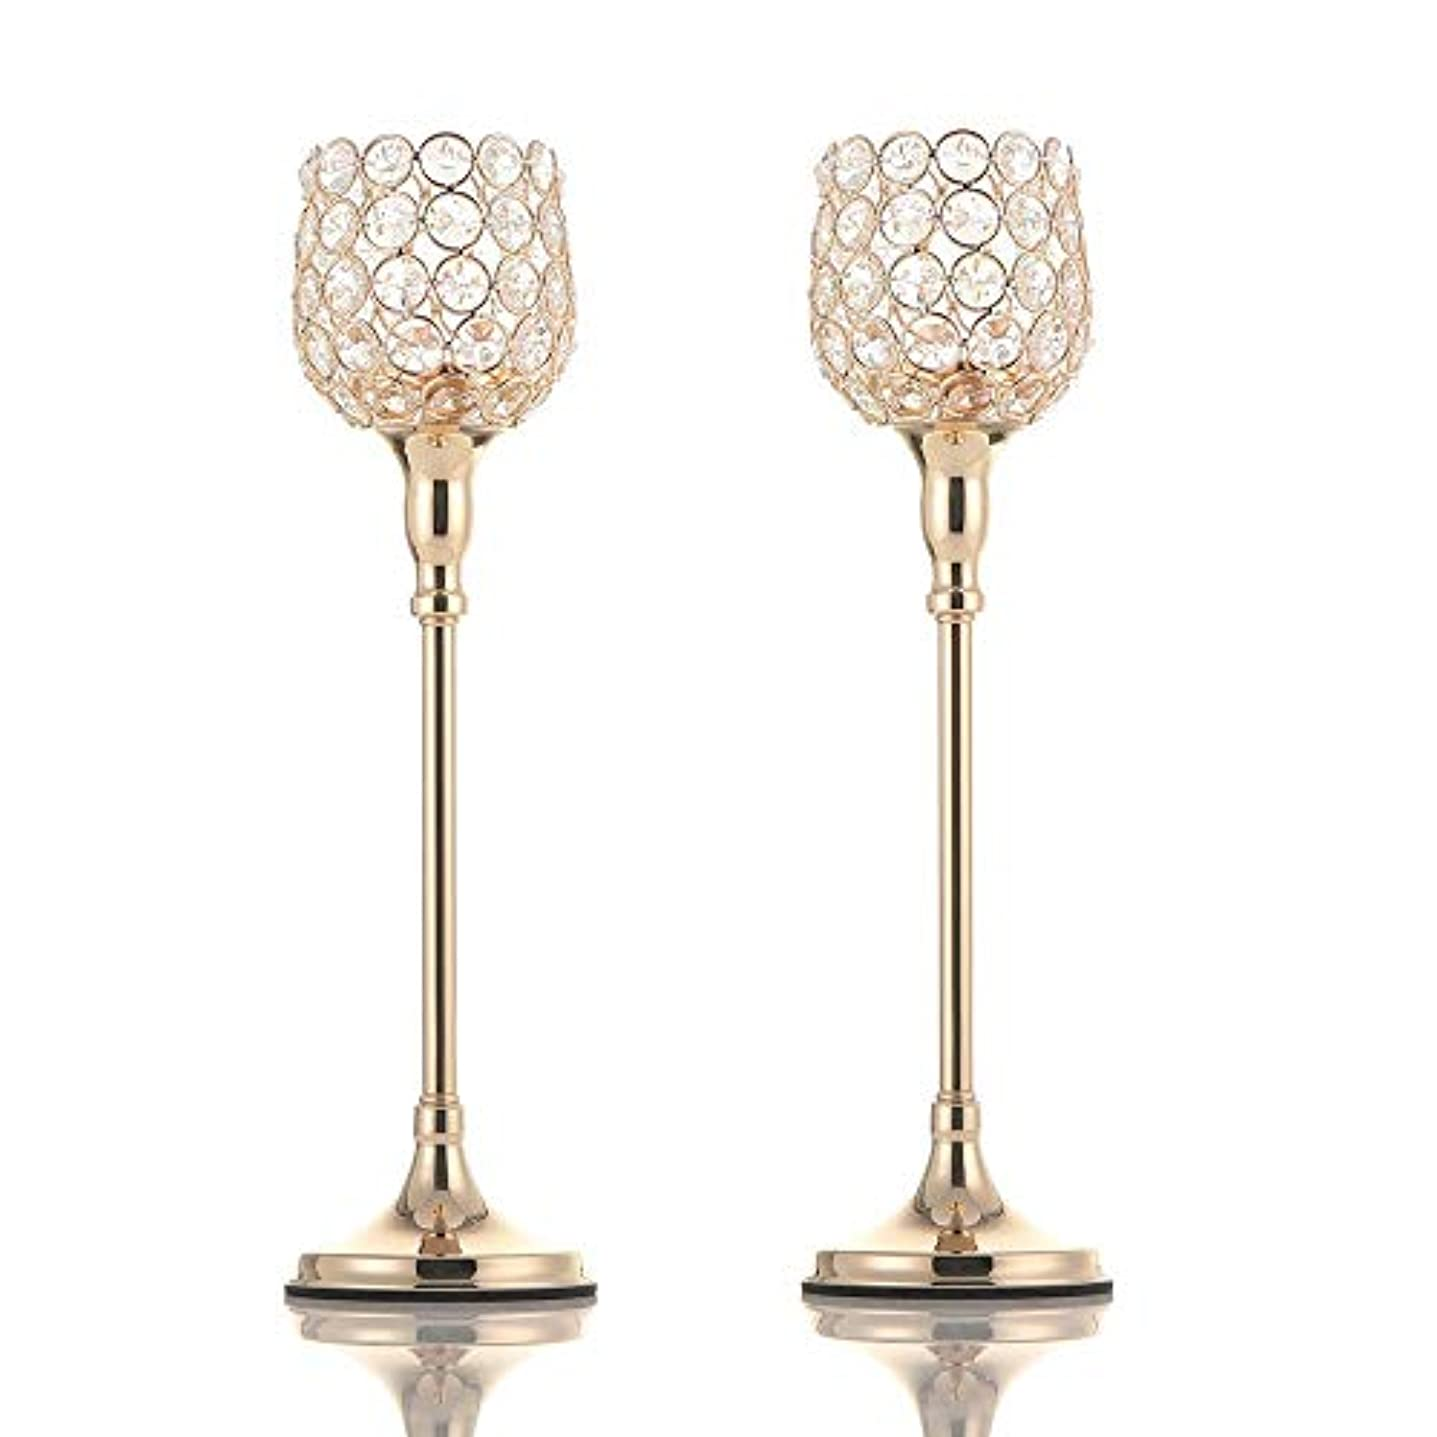 便利満足エスカレーターVINCIGANTゴールデンクリスタルキャンドルスティックセット2枚38cm、結婚式、テーブル装飾、感謝祭、クリスマス、バレンタインデー、記念日に適しています